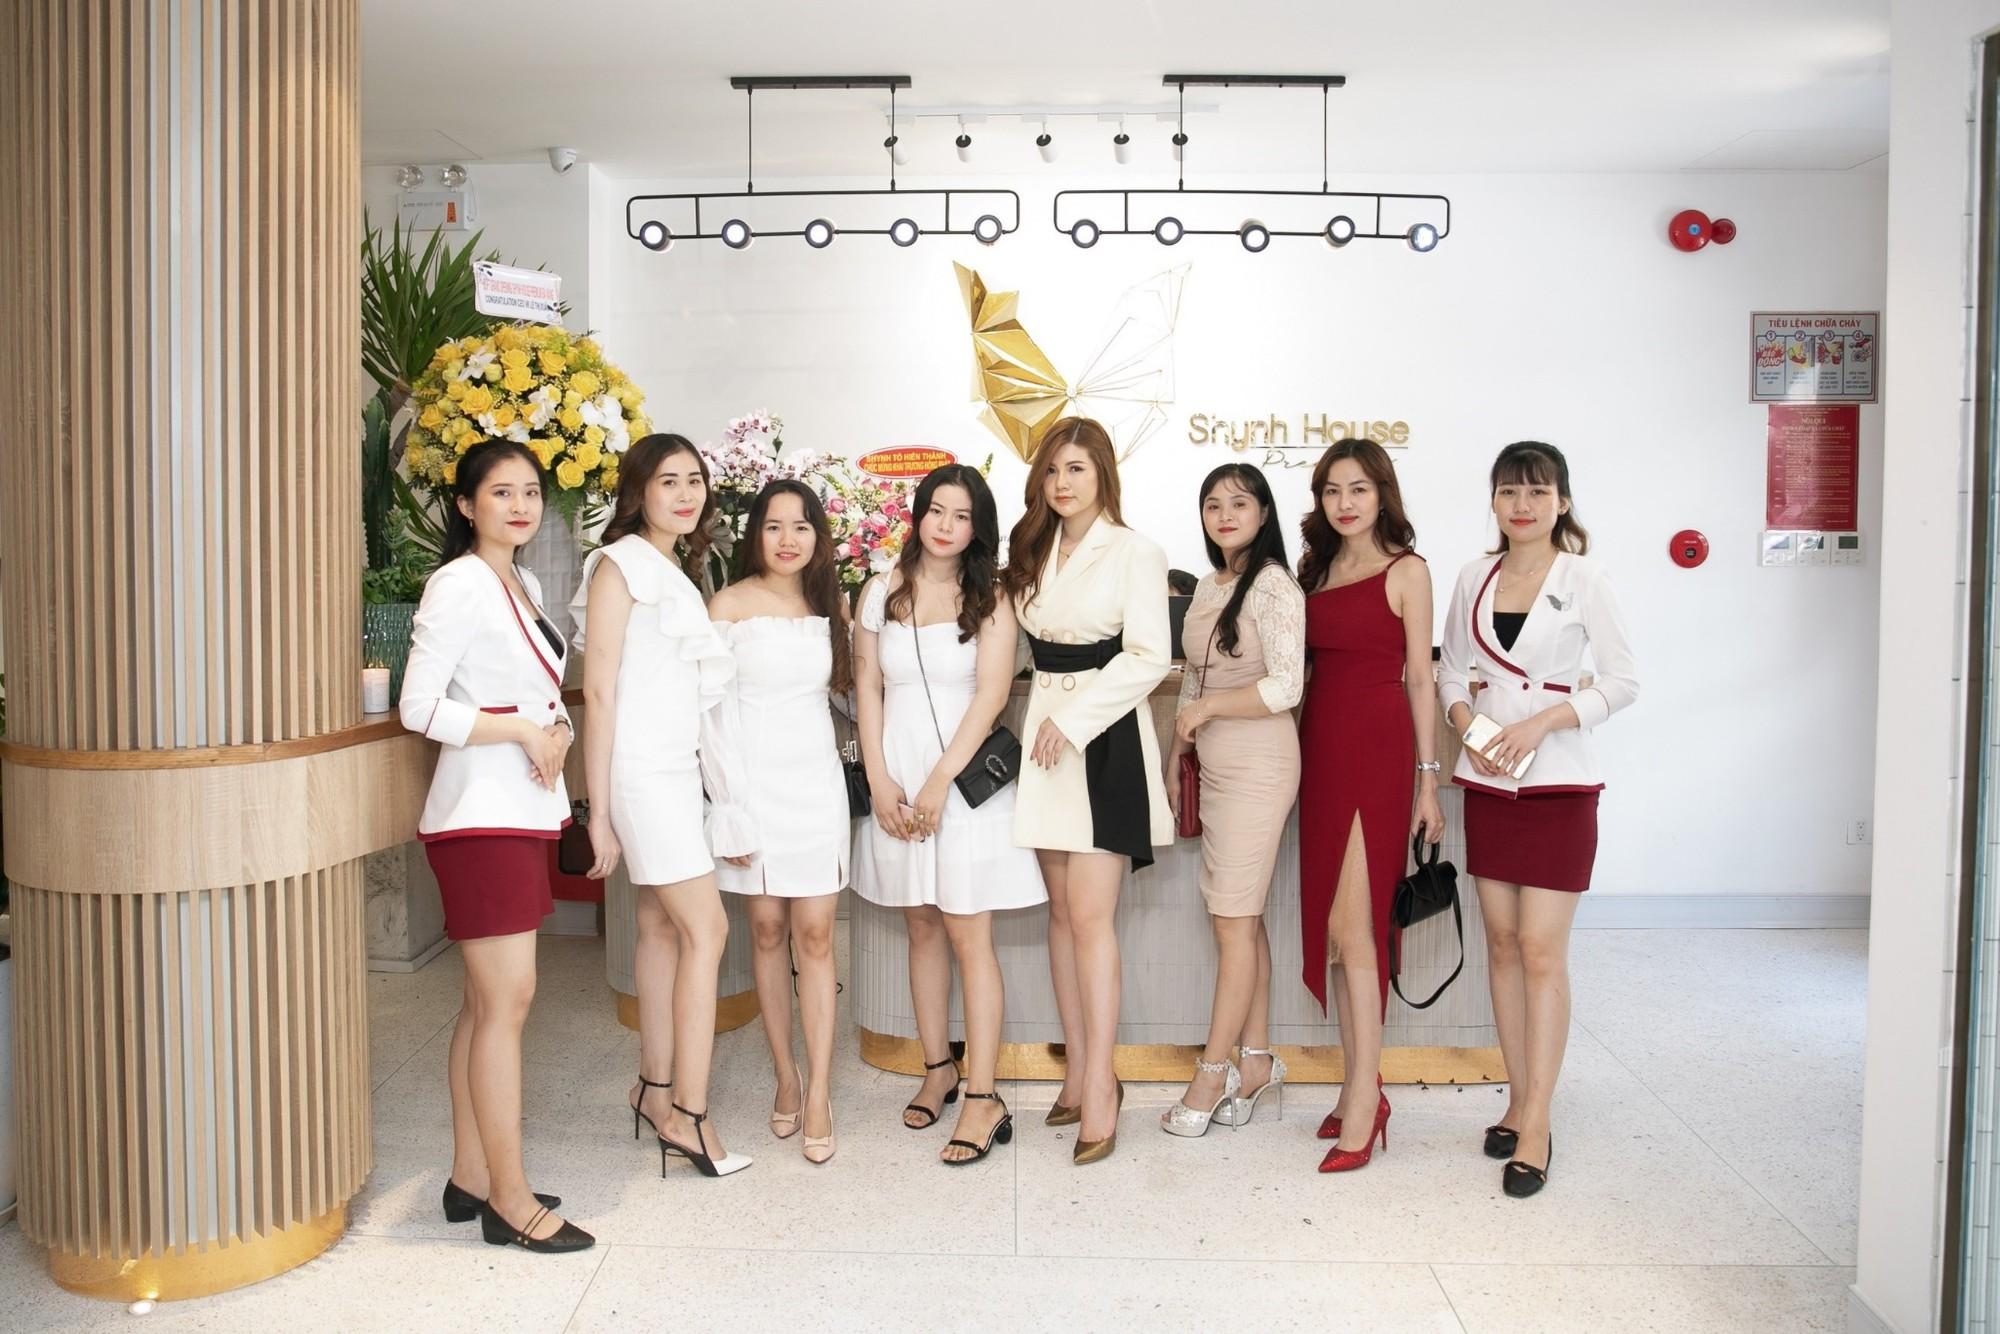 Shynh House Đà Nẵng thu hút khách với không gian đẳng cấp - Ảnh 2.